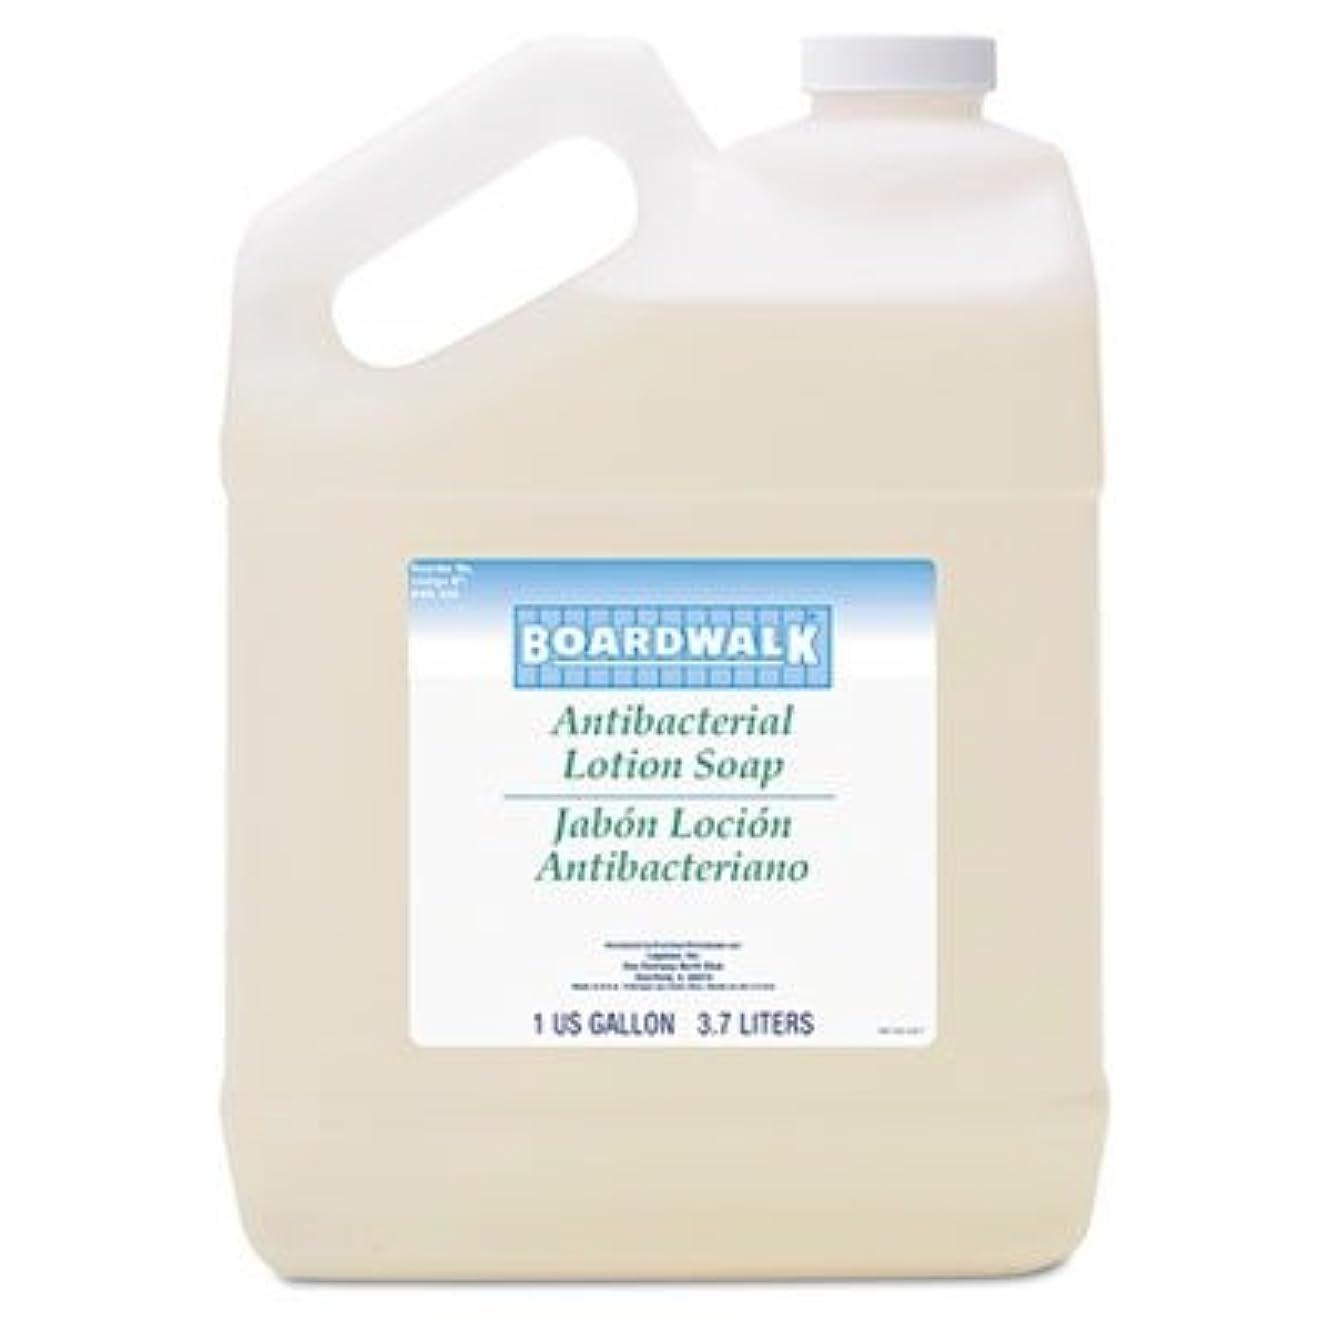 学者逃すリストboardwalkreg ; Antibacterial Soap BWK 430